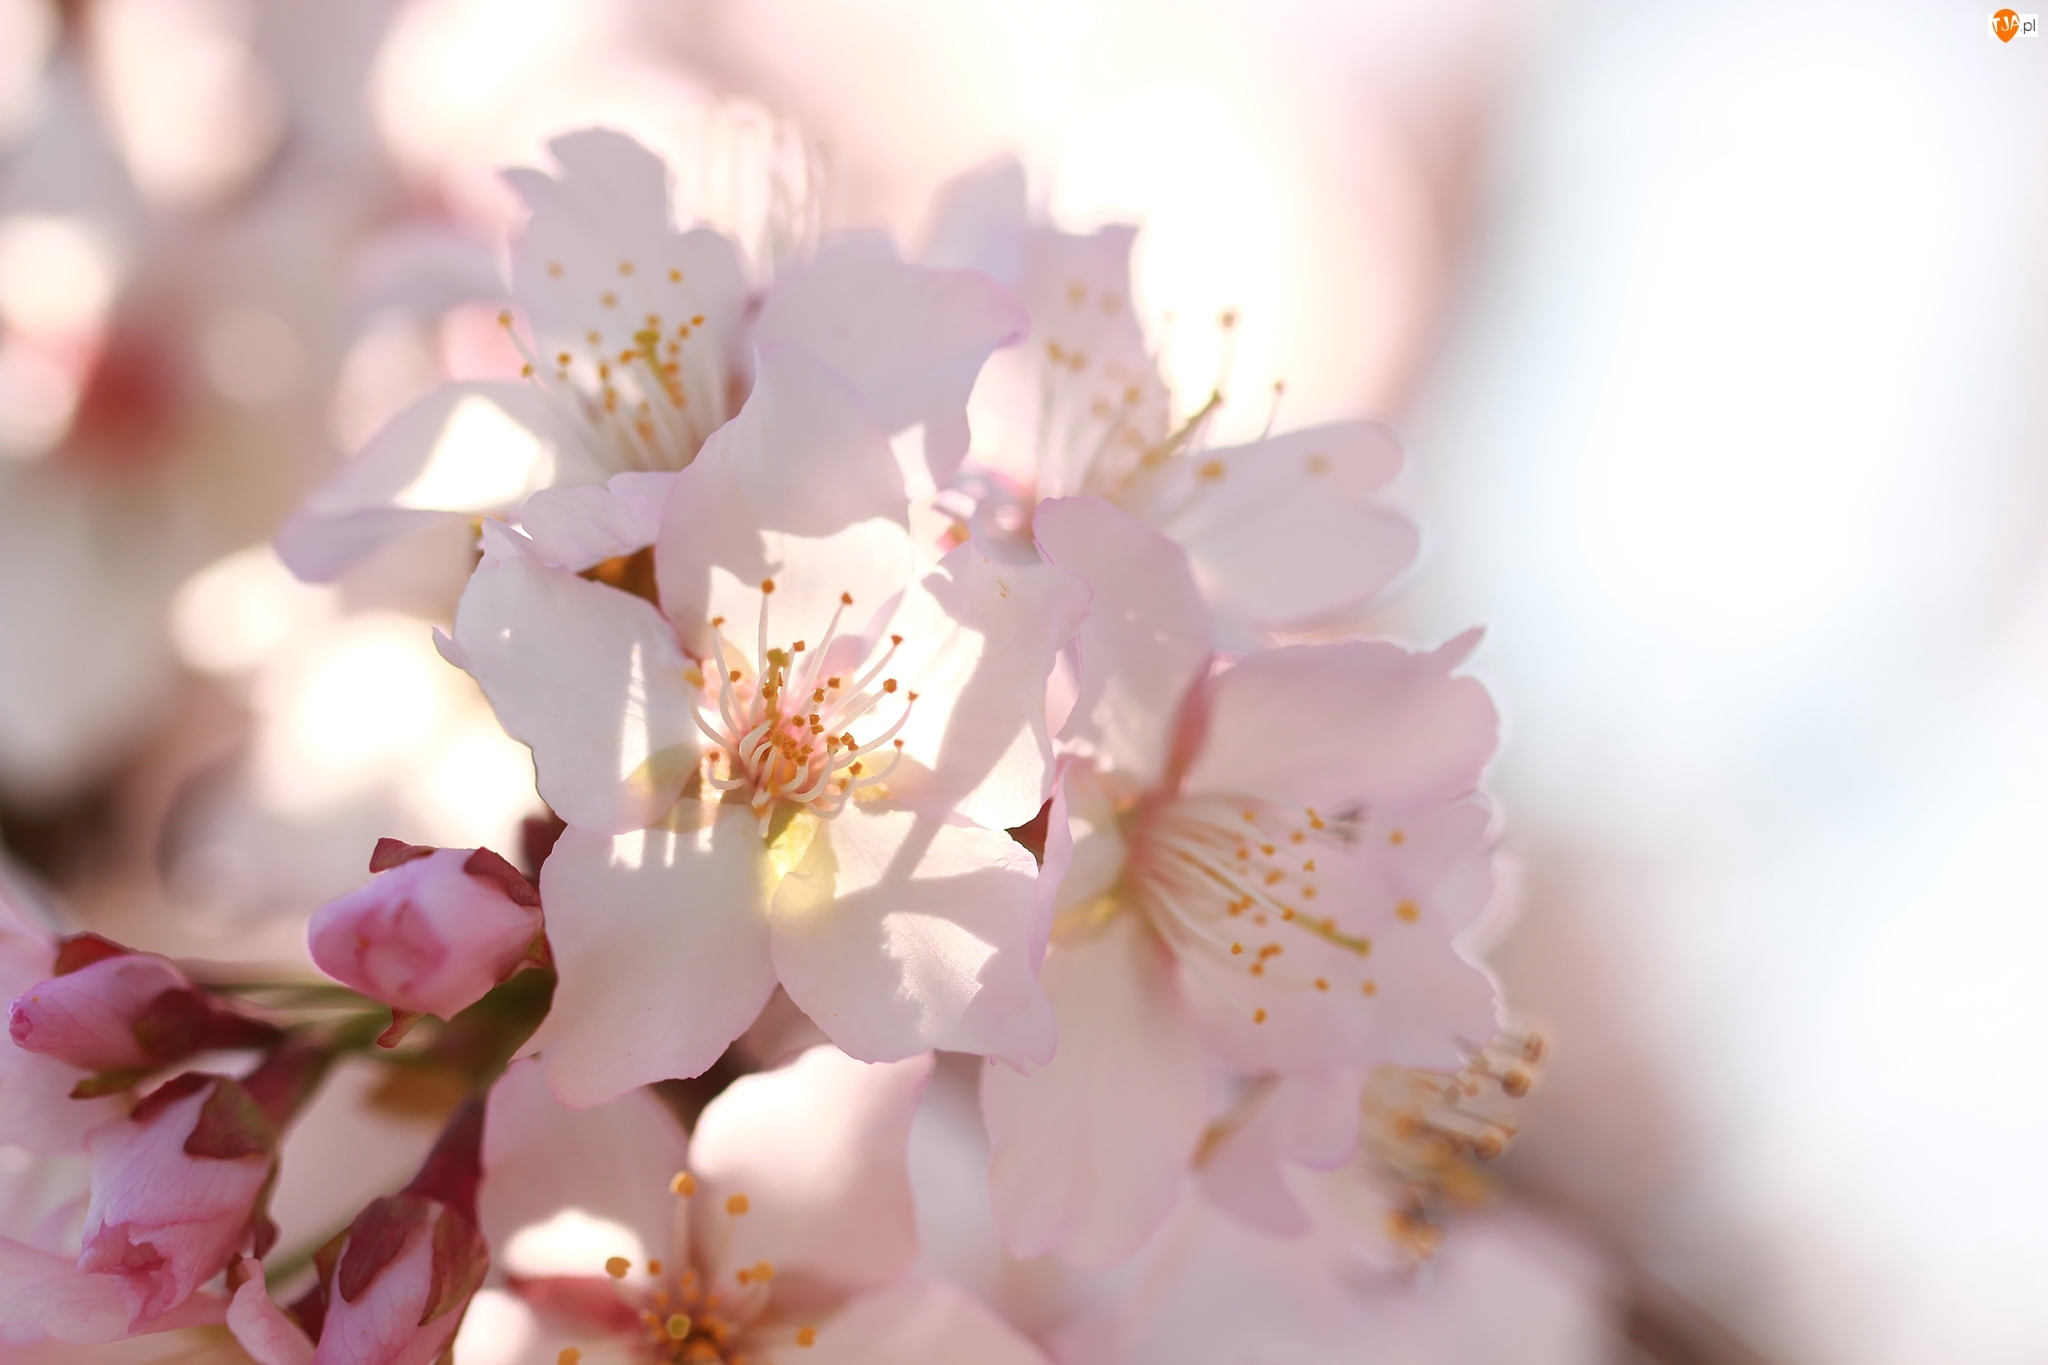 Światło, Drzewo, Różowe, Owocowe, Kwiaty